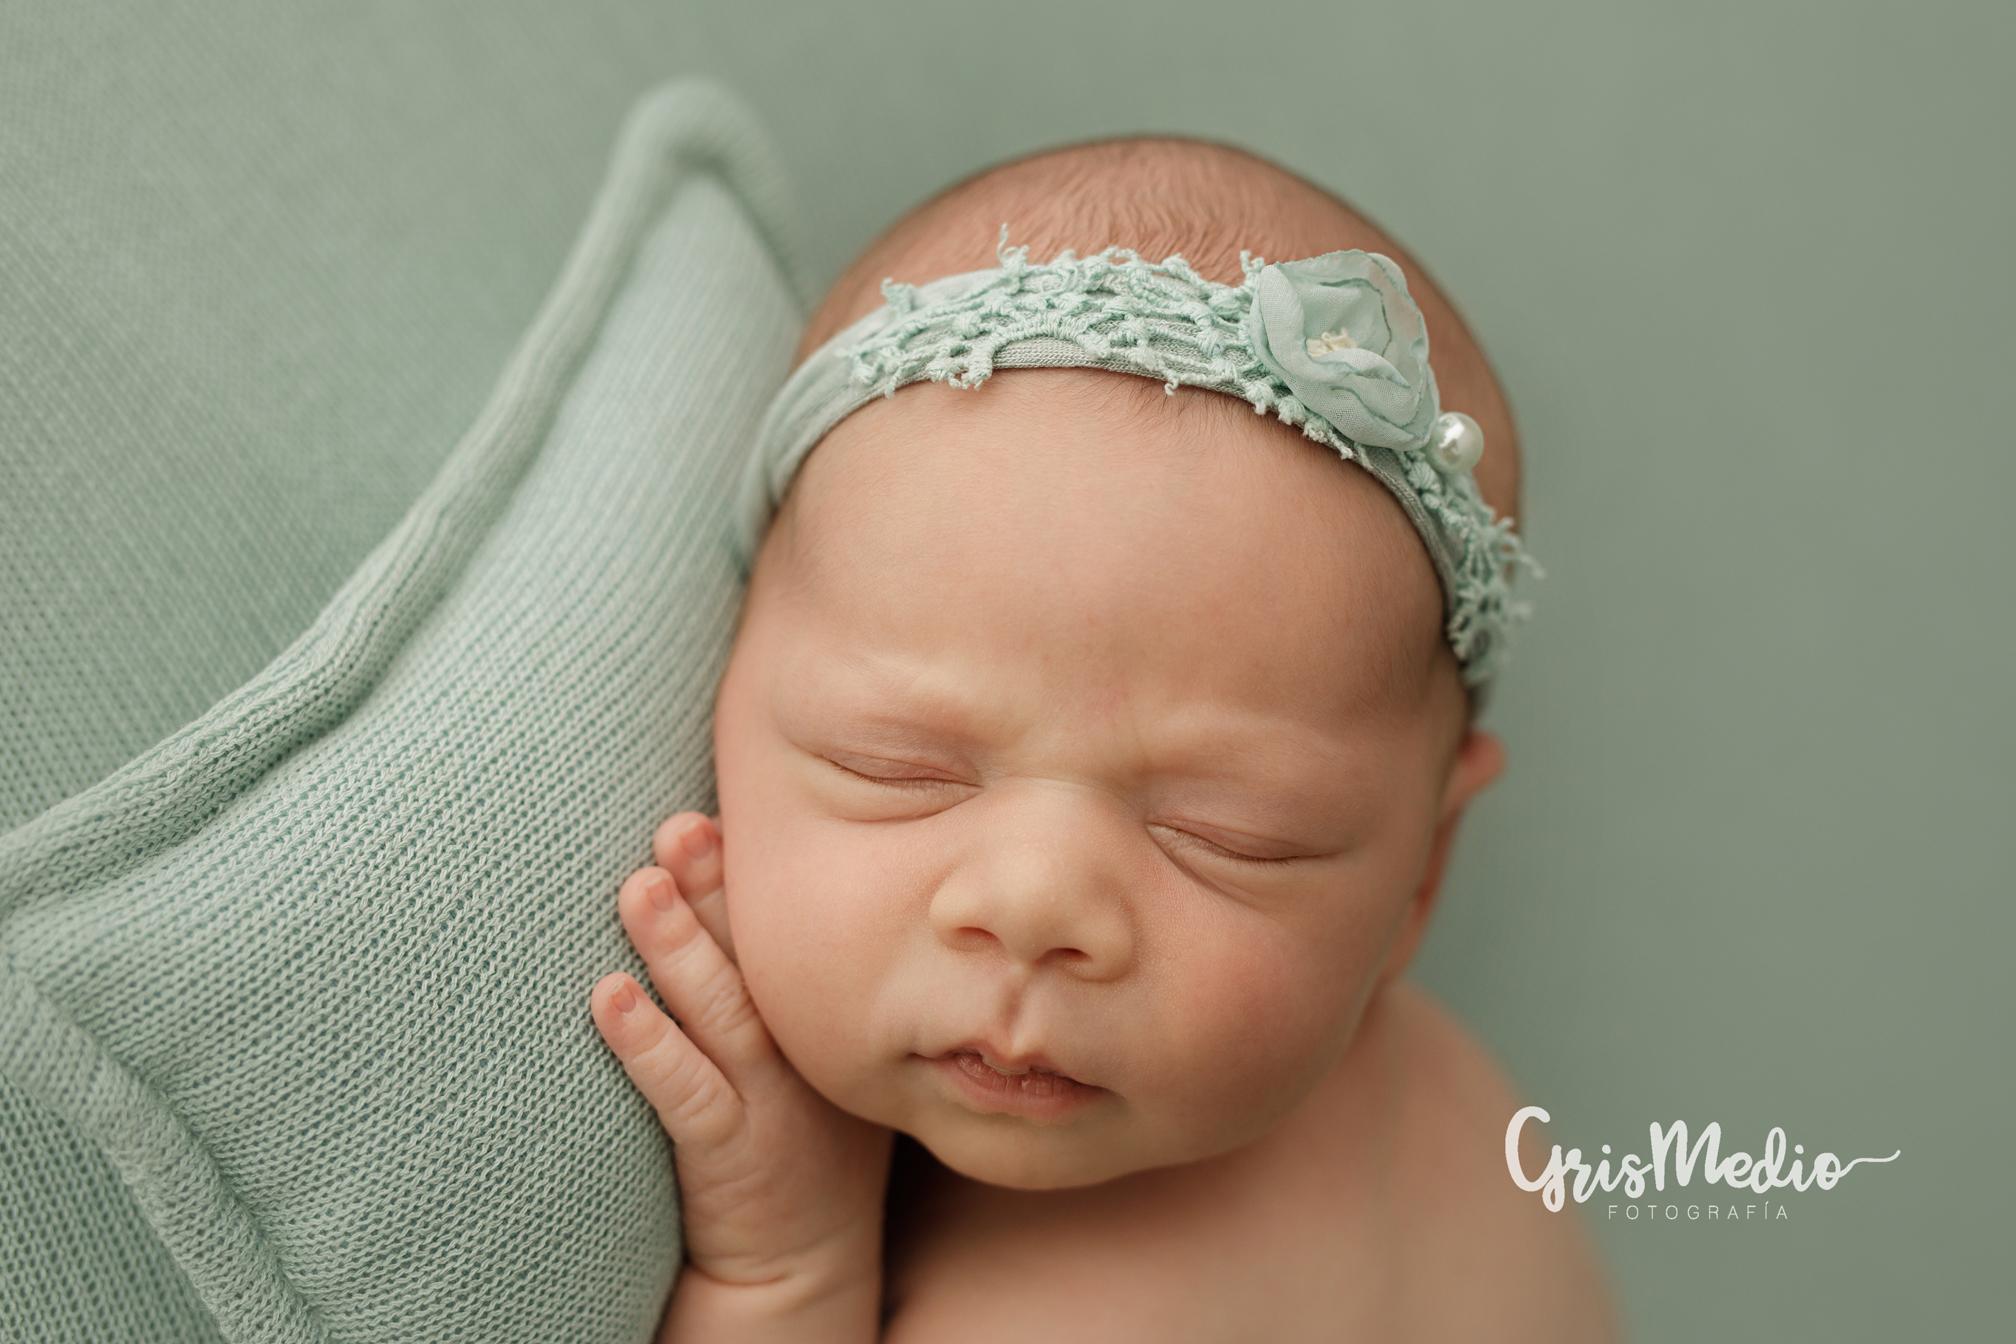 GrisMedio_Fotografía-_newborn-zaragoza-r261